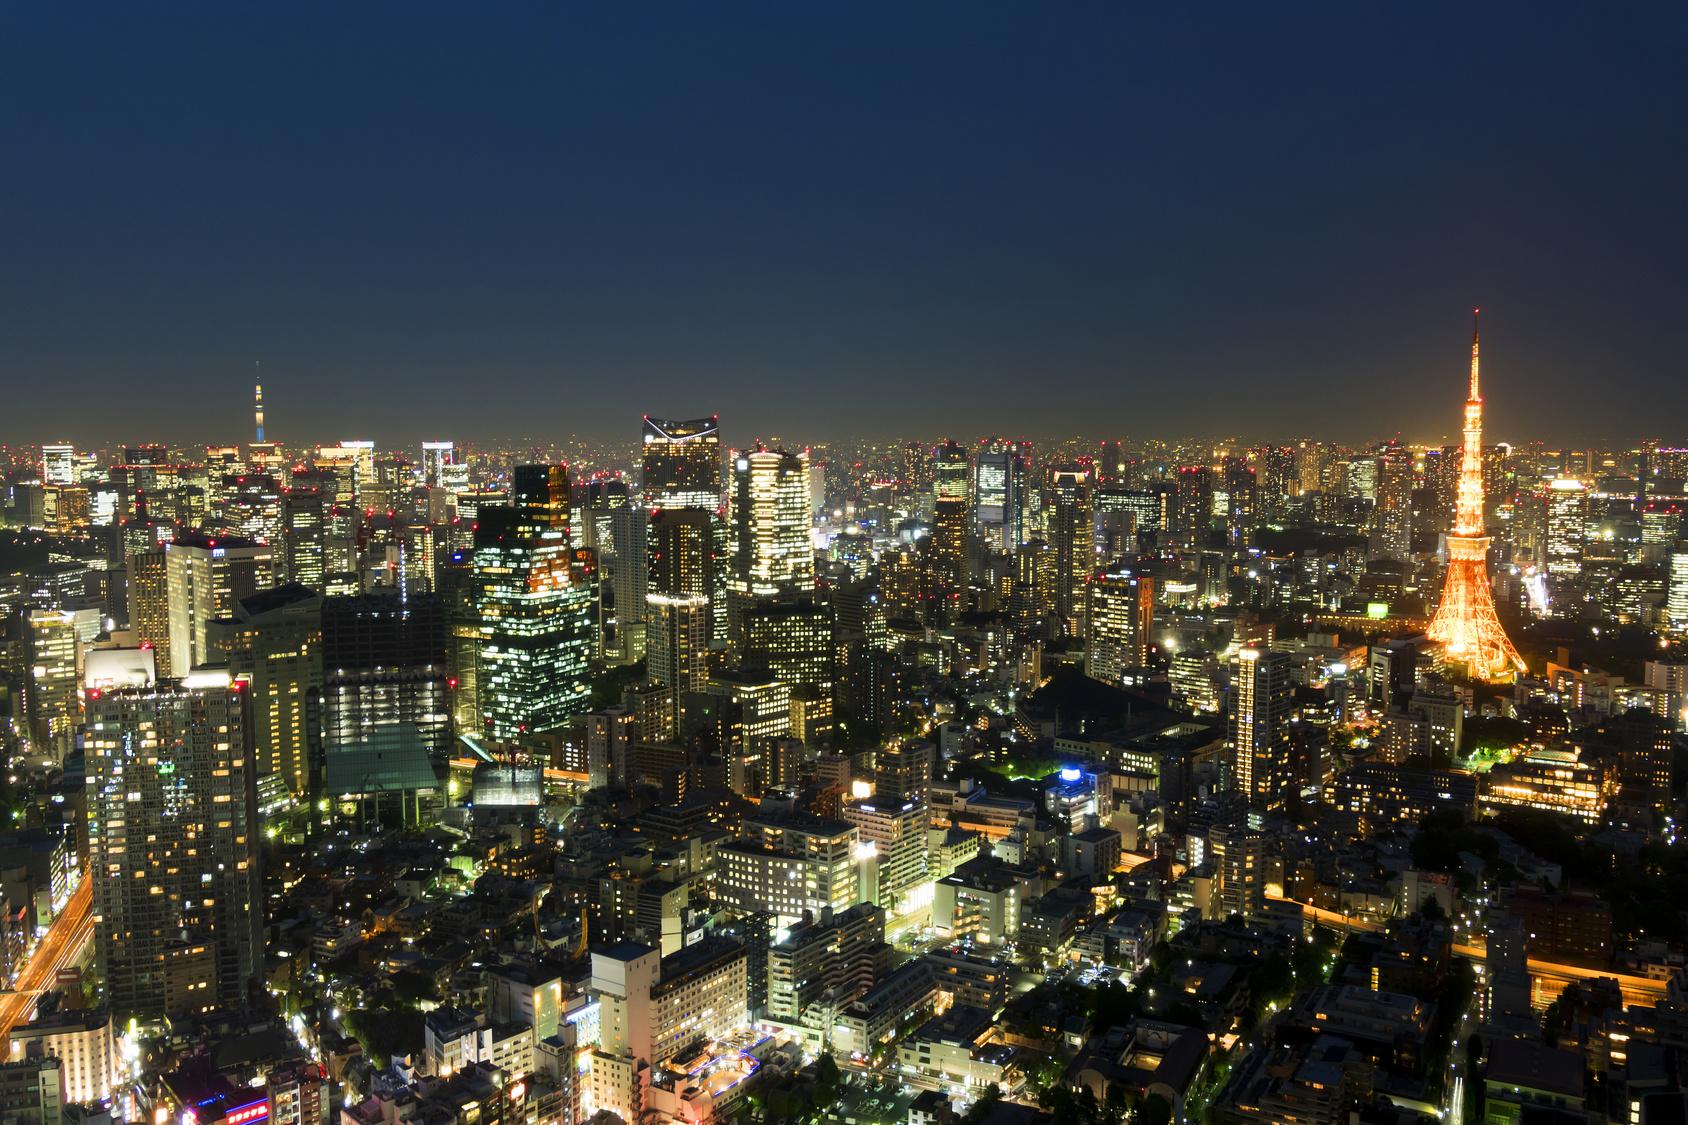 東京都市風景 六本木超高層ビルから望む東京タワーと東京スカイツリーと東京街並全景 夜景